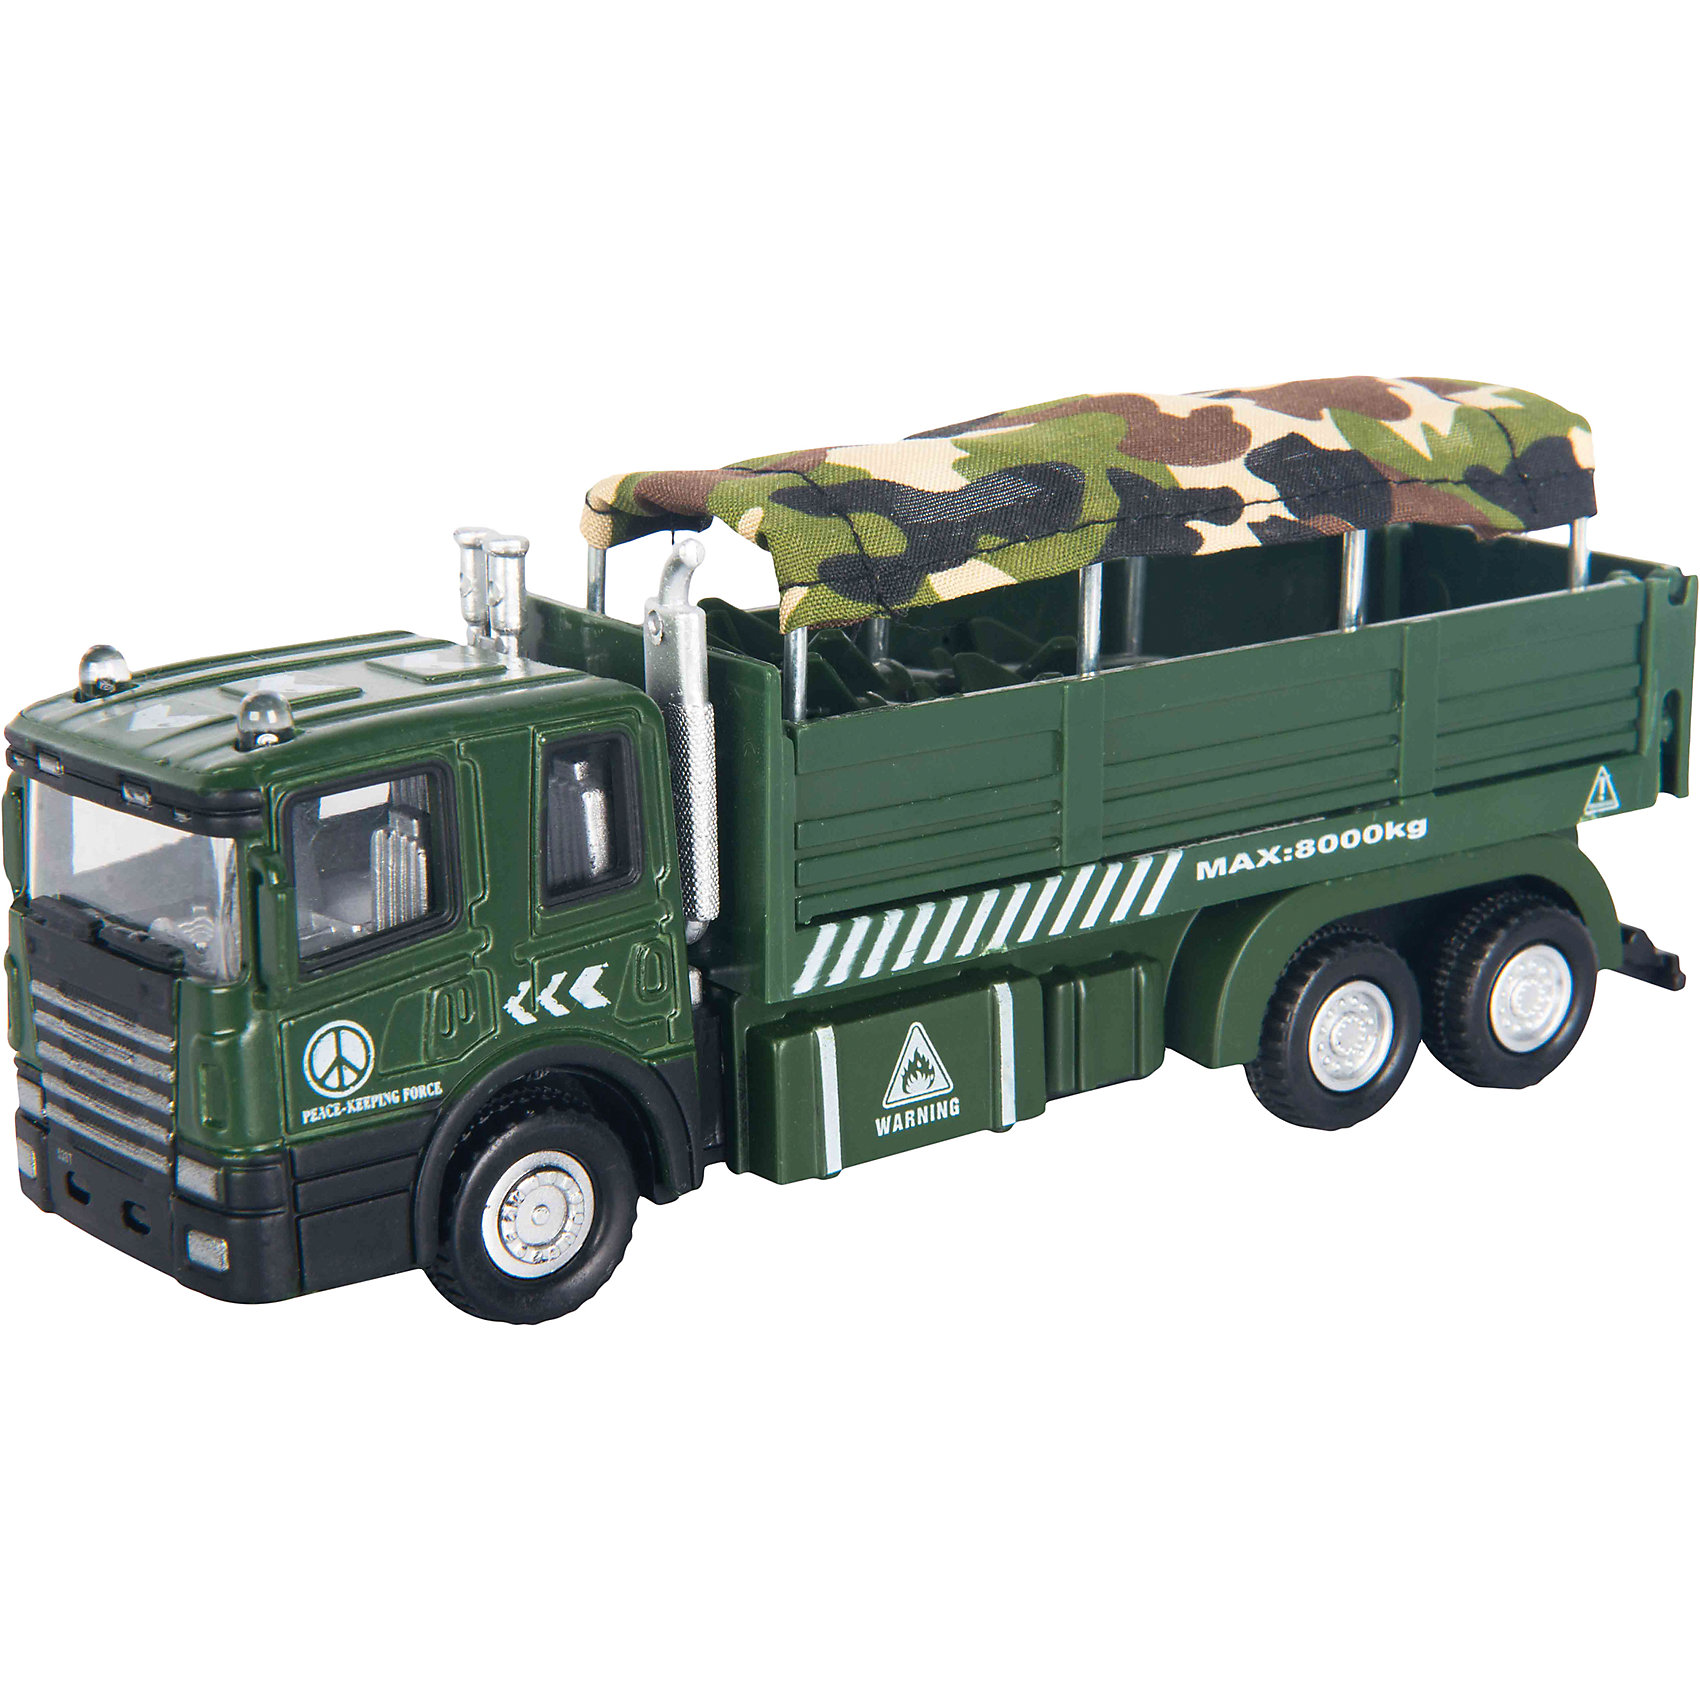 Машинка Military Autotruck для перевозки солдат 1:48, AutotimeМашинки<br>Характеристики товара:<br><br>• цвет: зеленый<br>• возраст: от 3 лет<br>• материал: металл, пластик<br>• масштаб: 1:48<br>• колеса вращаются<br>• размер упаковки: 16х6х7 см<br>• вес с упаковкой: 100 г<br>• страна бренда: Россия, Китай<br>• страна изготовитель: Китай<br><br>Эта коллекционная модель машинки отличается высокой детализацией. Окна - прозрачные, поэтому через них можно увидеть салон.<br><br>Сделана машинка из прочного и безопасного материала. Модель с кузовом.<br><br>Машинку «Military Autotruck» для перевозки солдат 1:48, Autotime (Автотайм) можно купить в нашем интернет-магазине.<br><br>Ширина мм: 165<br>Глубина мм: 57<br>Высота мм: 75<br>Вес г: 13<br>Возраст от месяцев: 36<br>Возраст до месяцев: 2147483647<br>Пол: Мужской<br>Возраст: Детский<br>SKU: 5584055